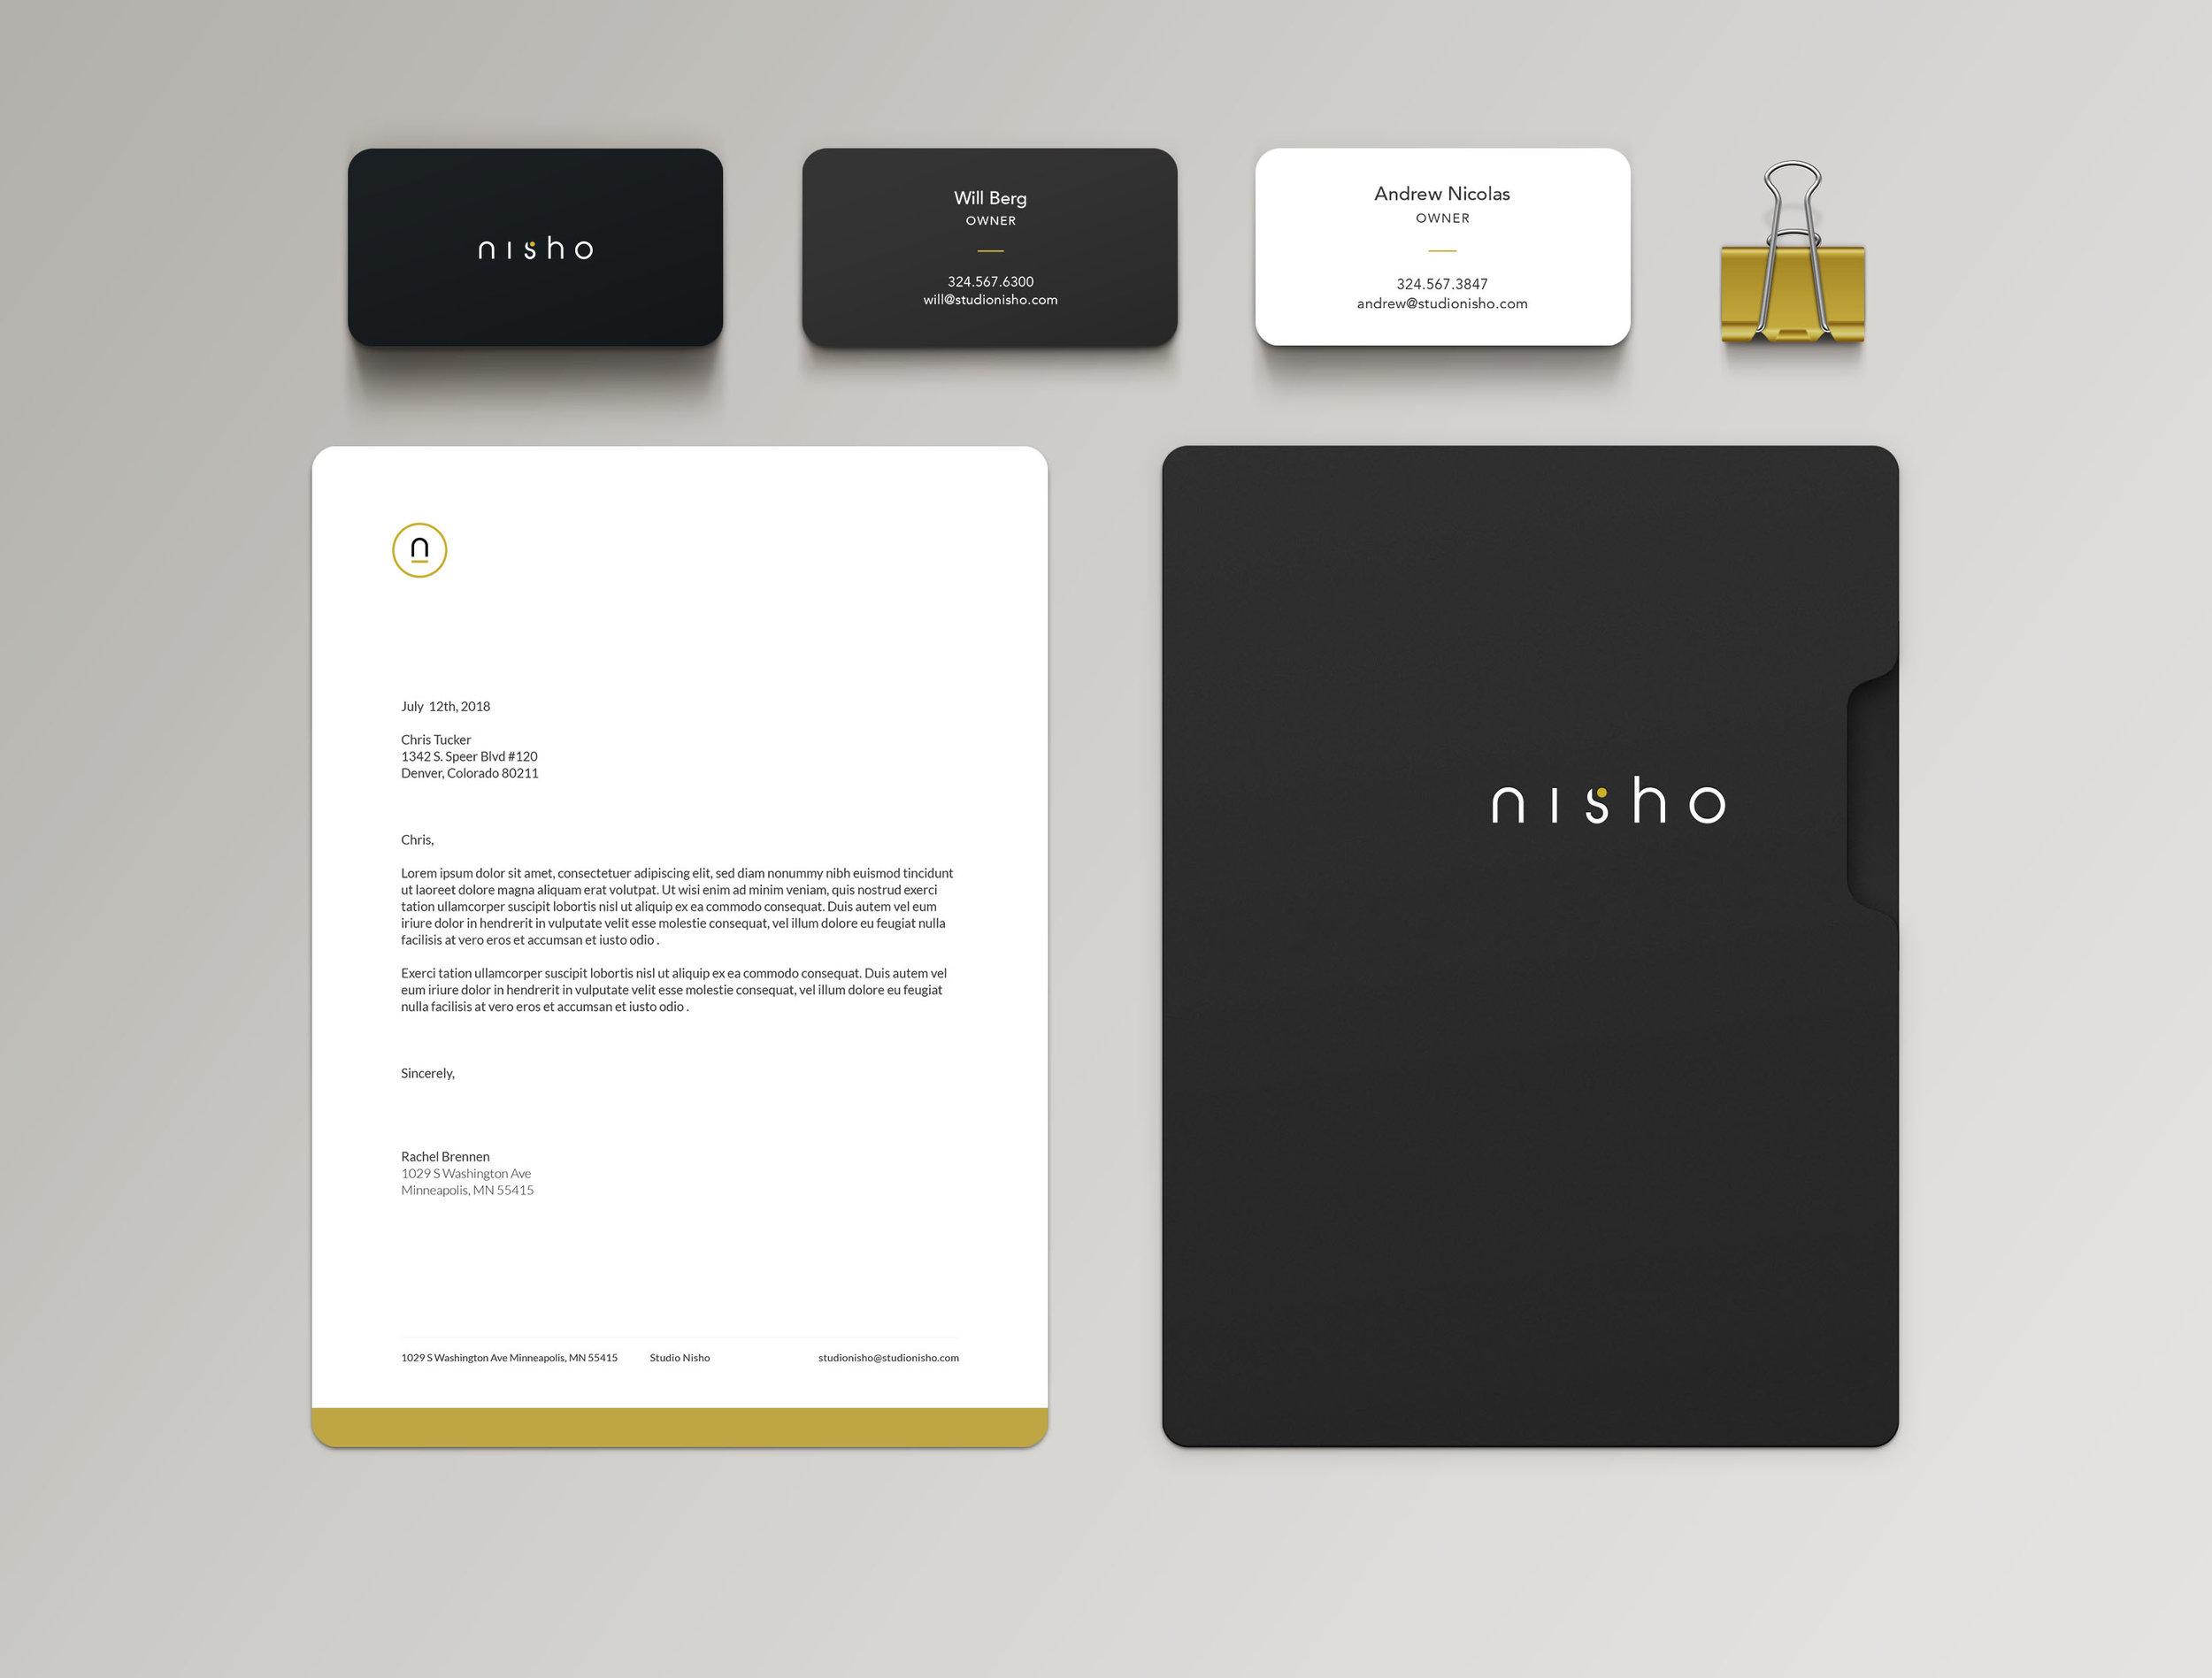 Branding Identity Mockup-nisho.jpg